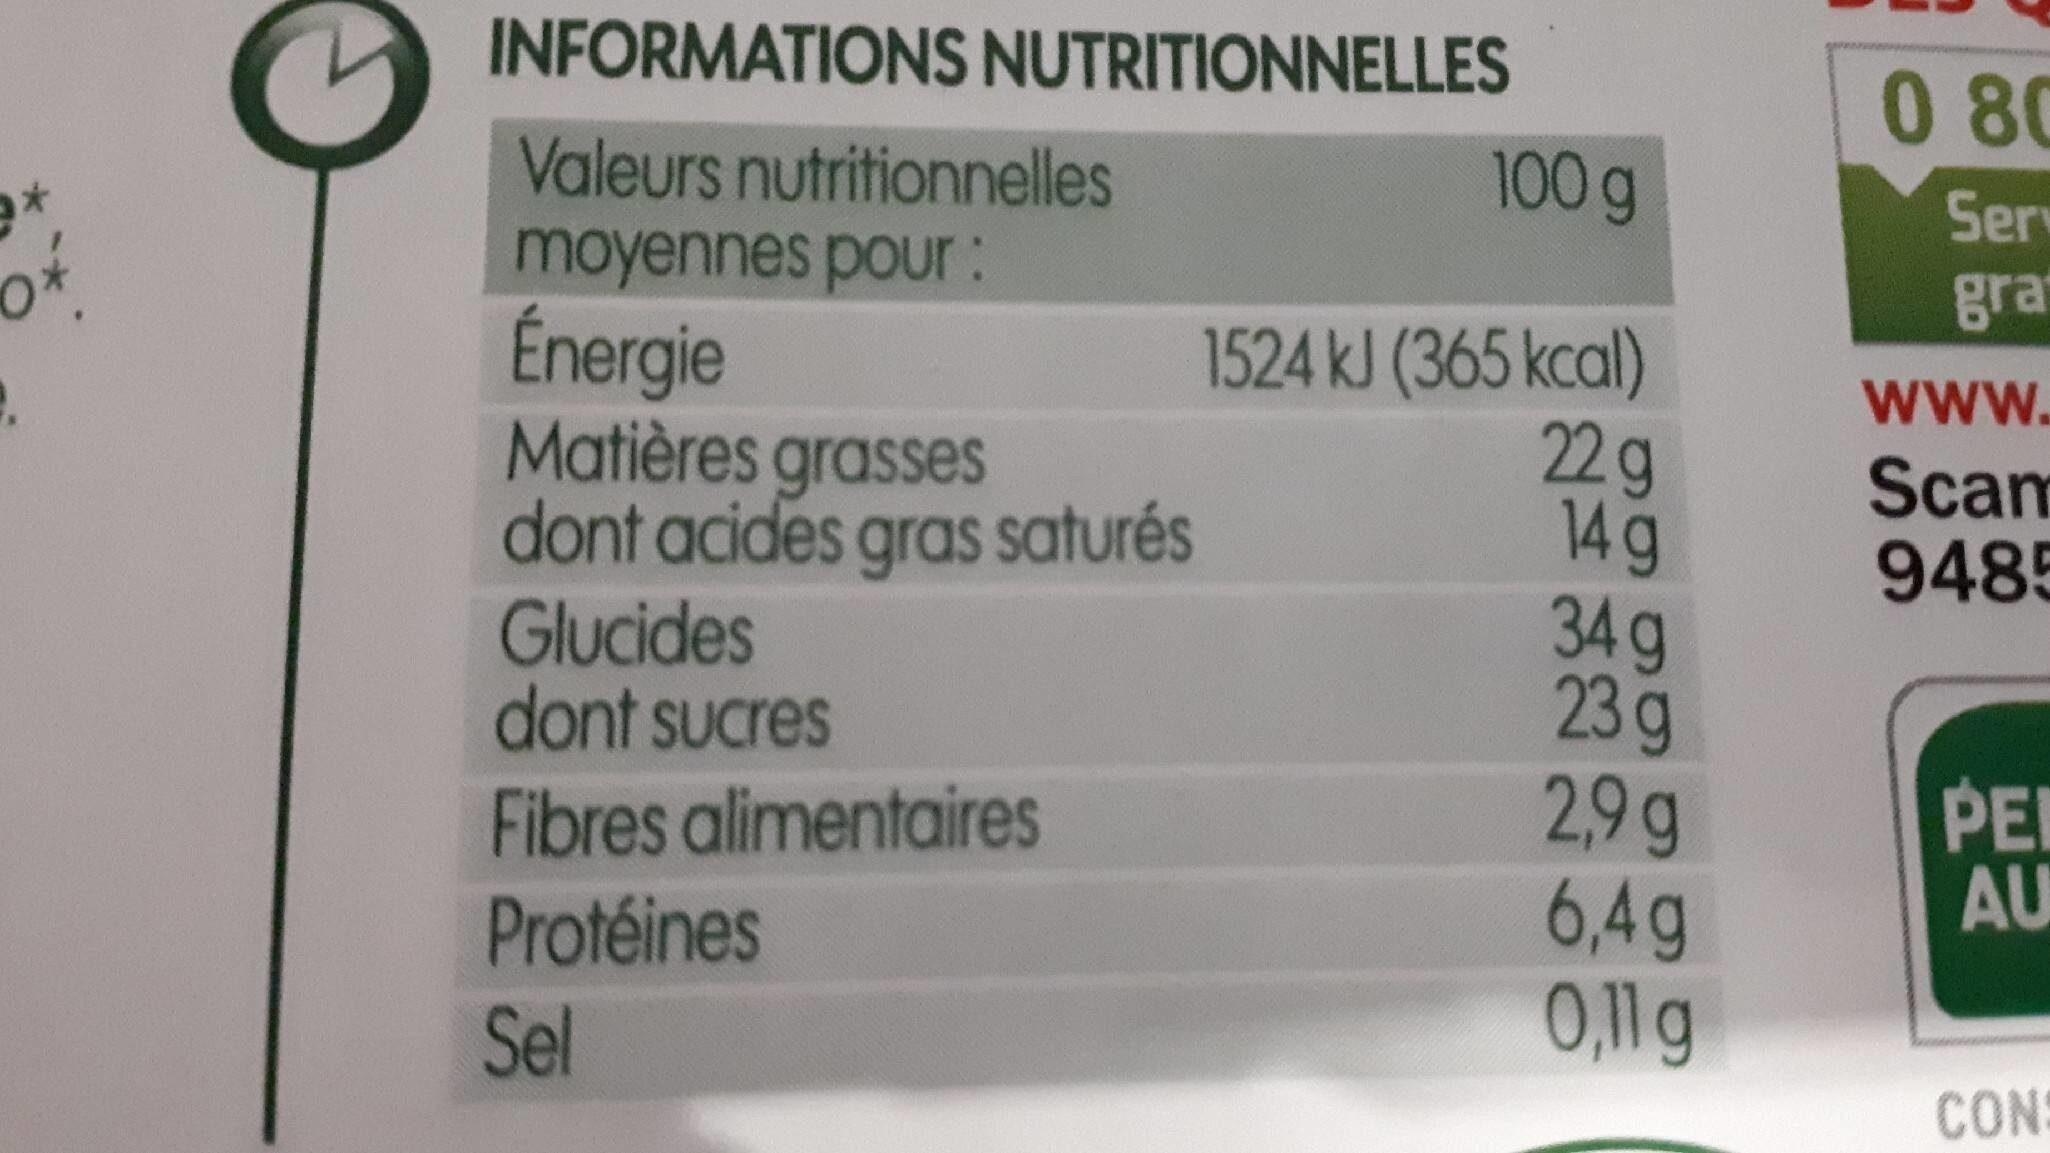 Coeur fondant chocolat noir bio x 2 - Informations nutritionnelles - fr